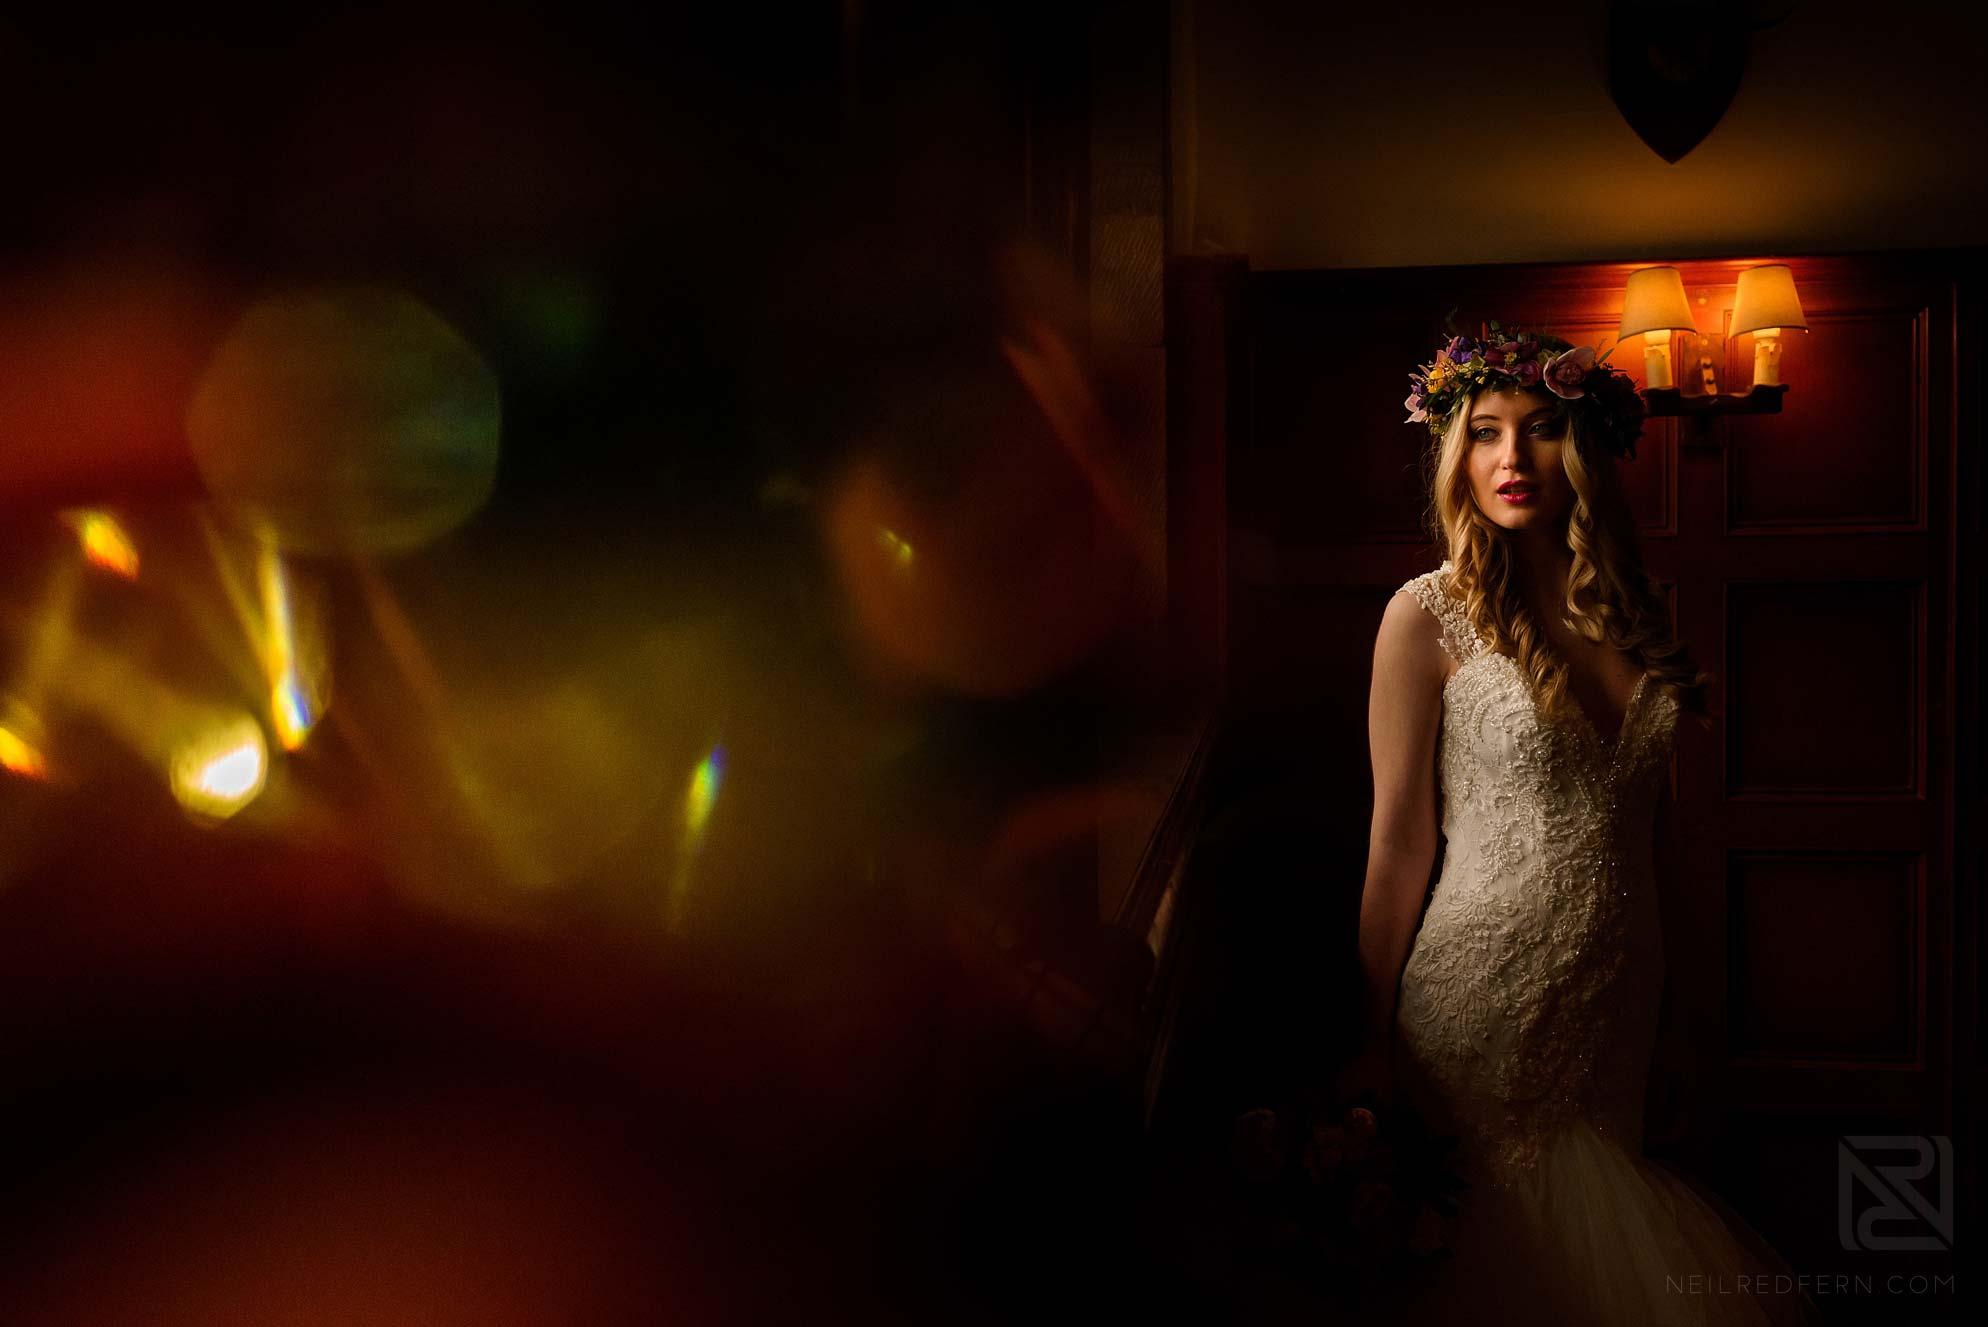 wedding-photography-workshop-lancashire-03